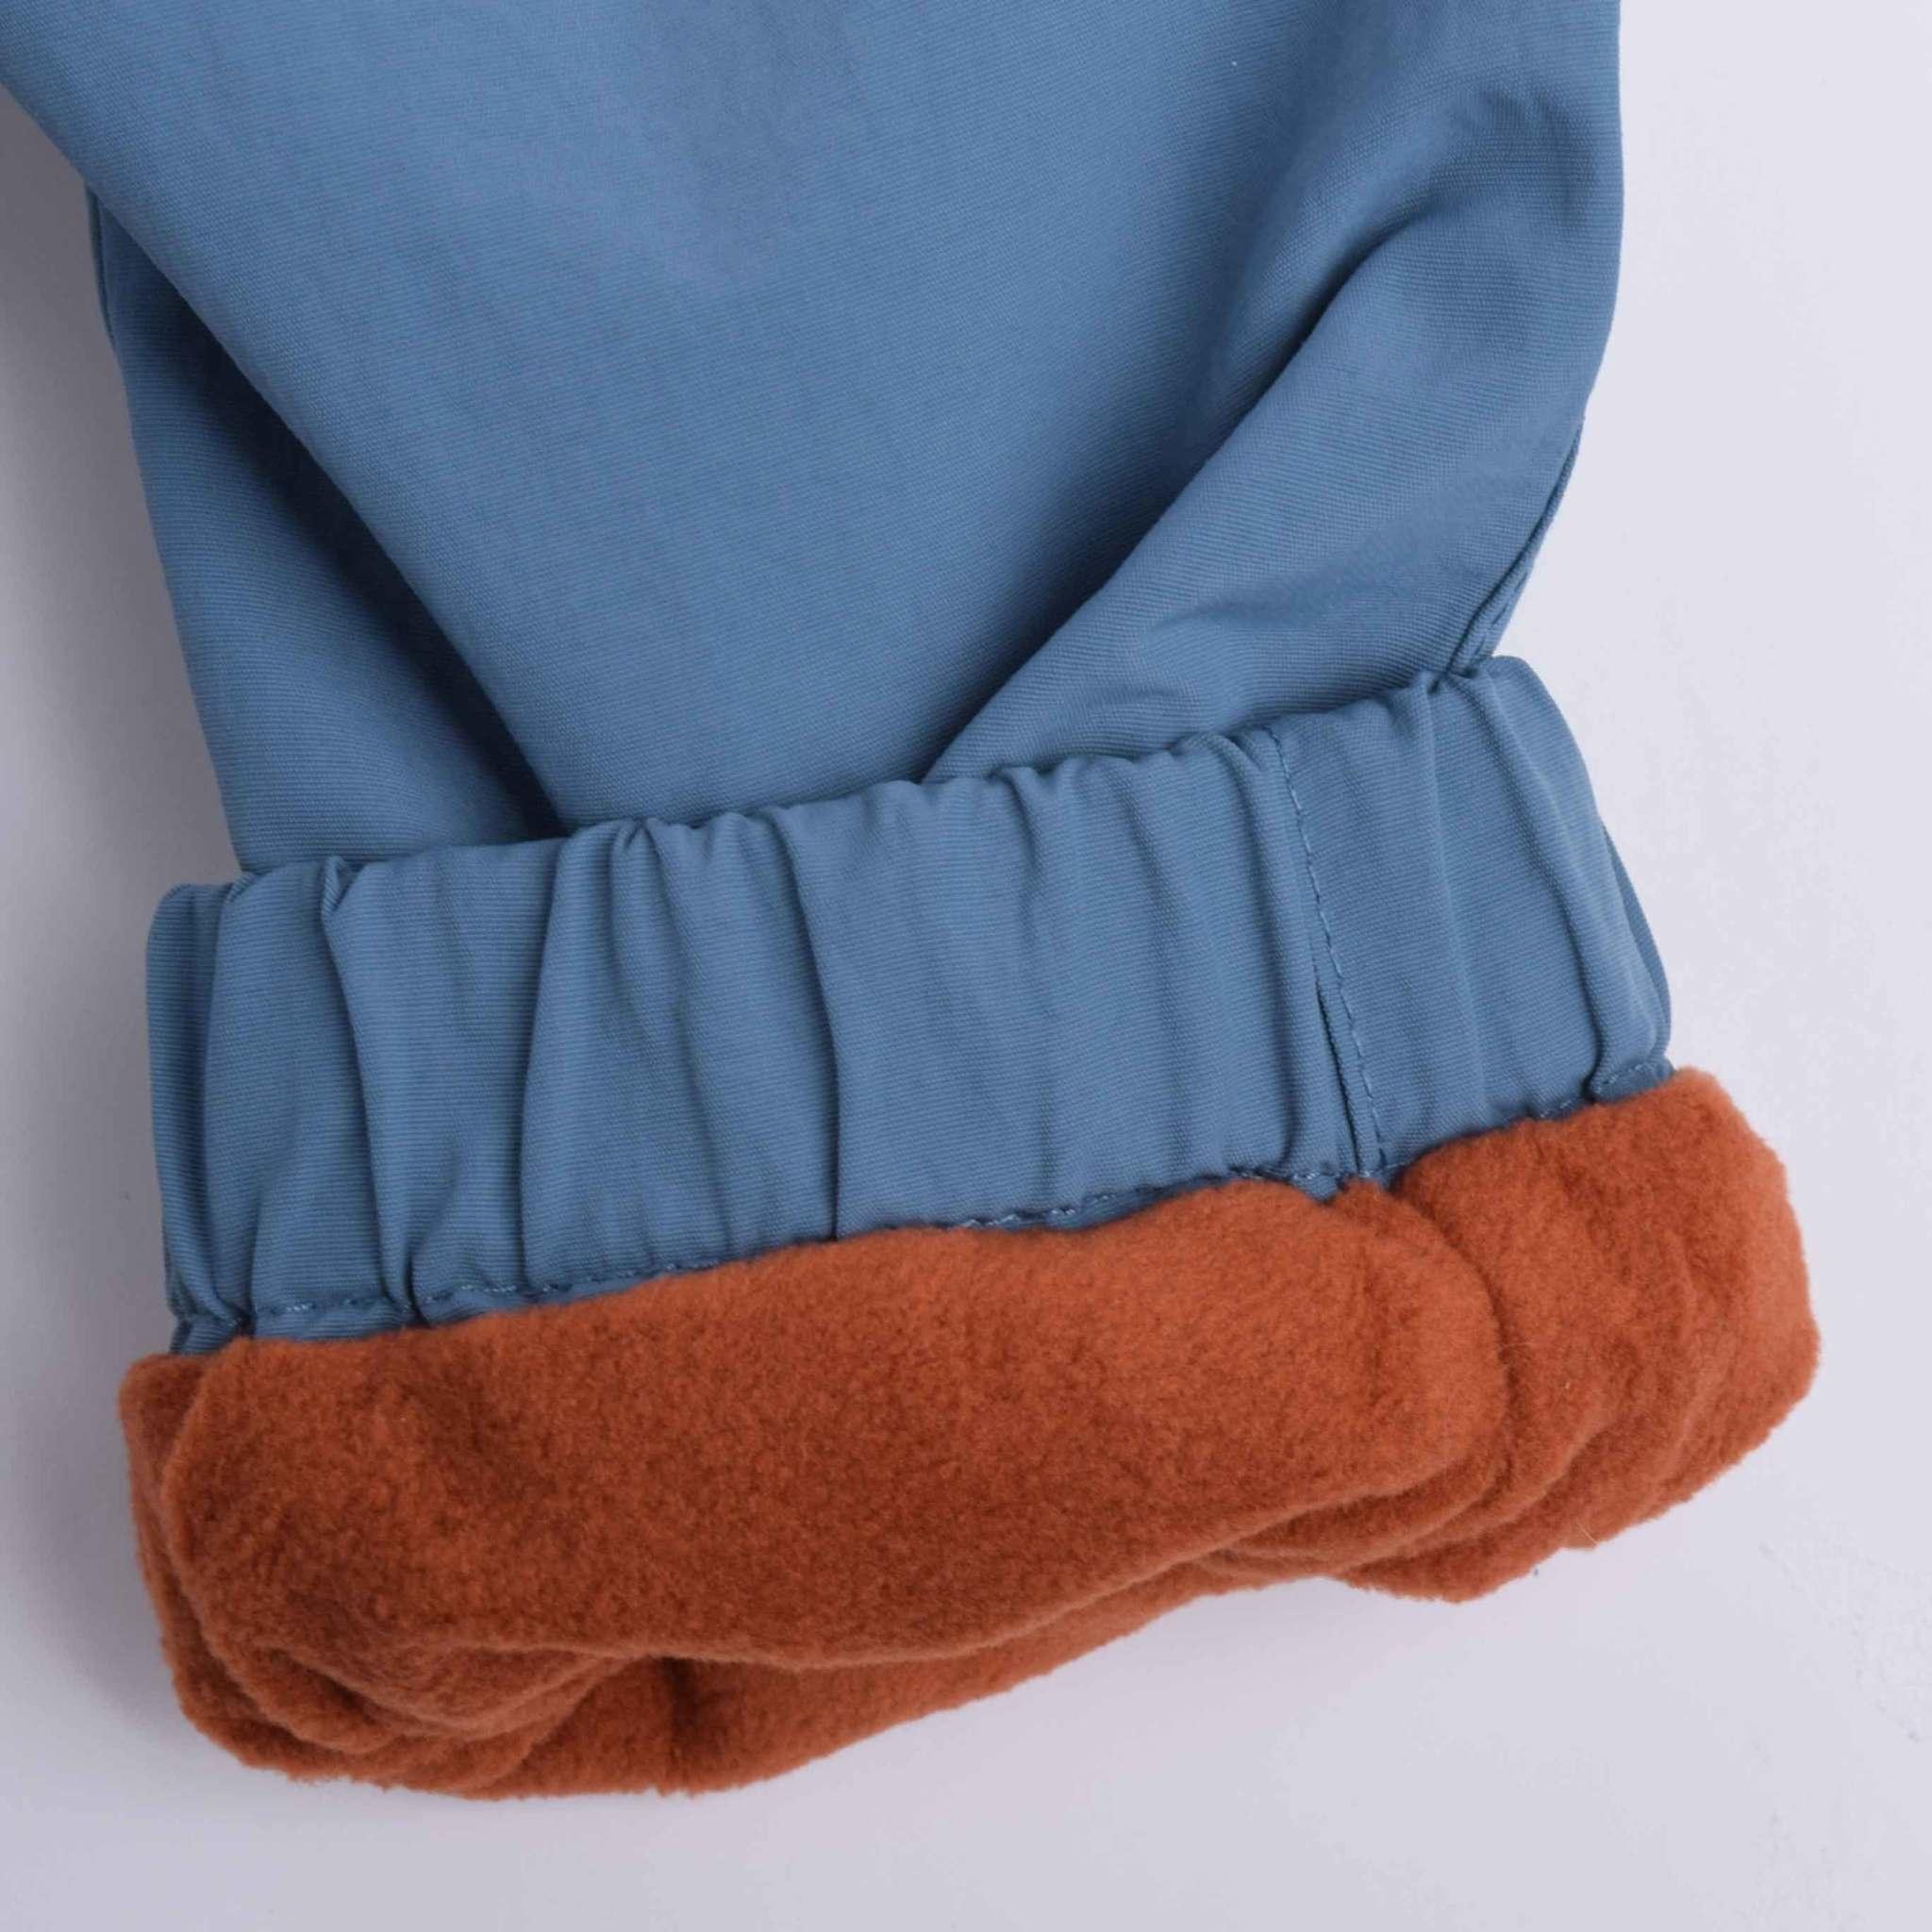 Pantalon D'Extérieur doublé Polar - TWENTY TWO 1.0-8